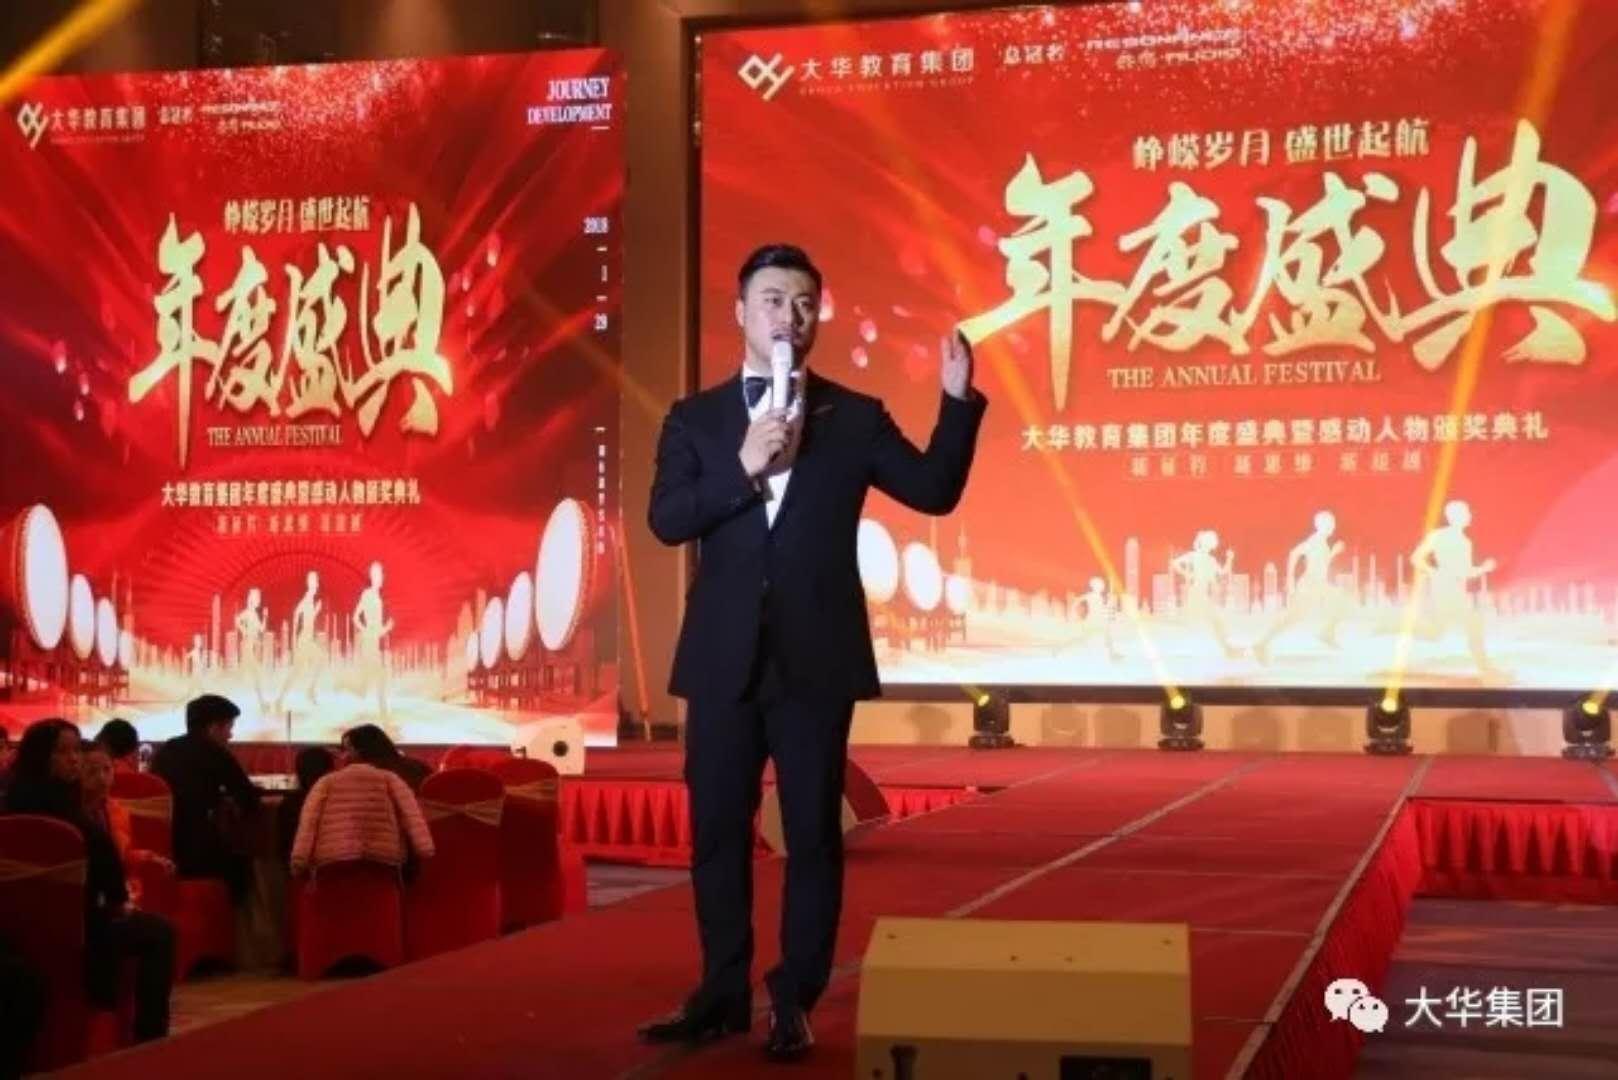 如何评价广州大华教育集团这个培训公司?